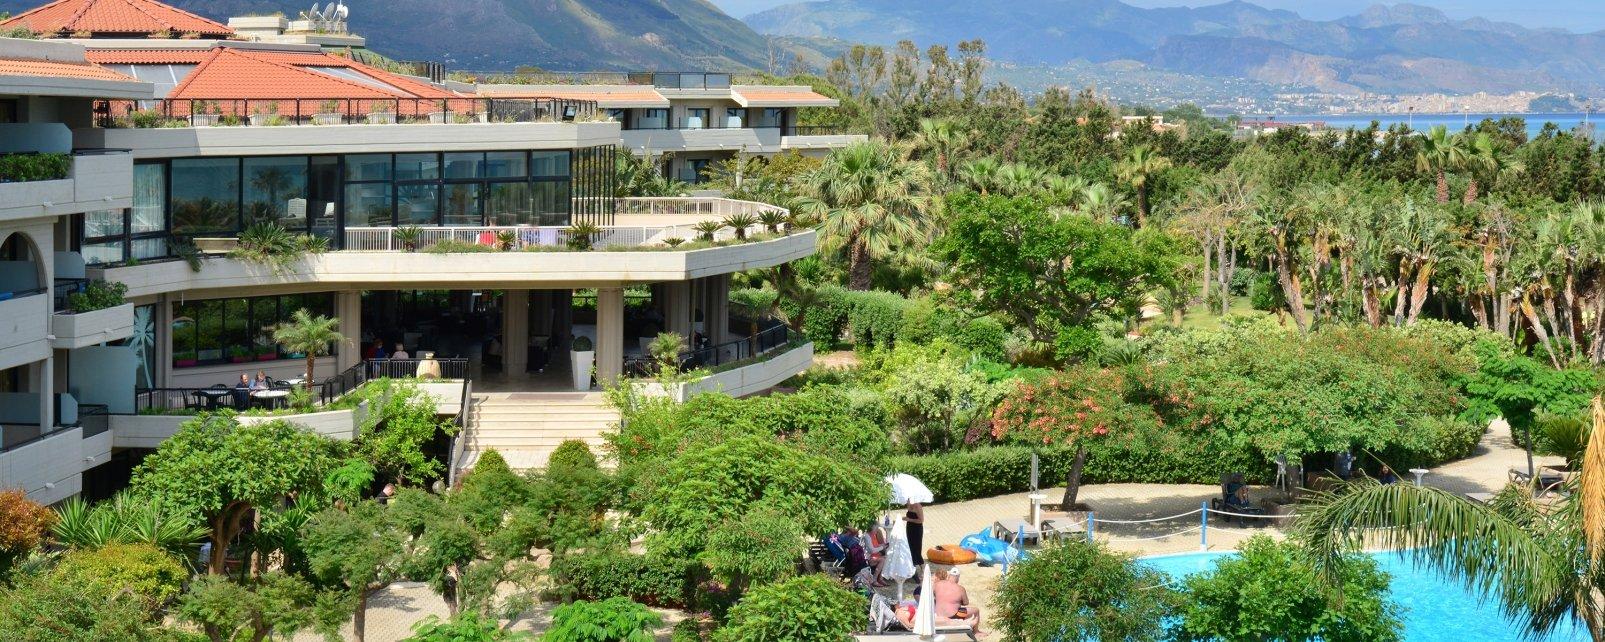 Hôtel Fiesta Sicilia Resort